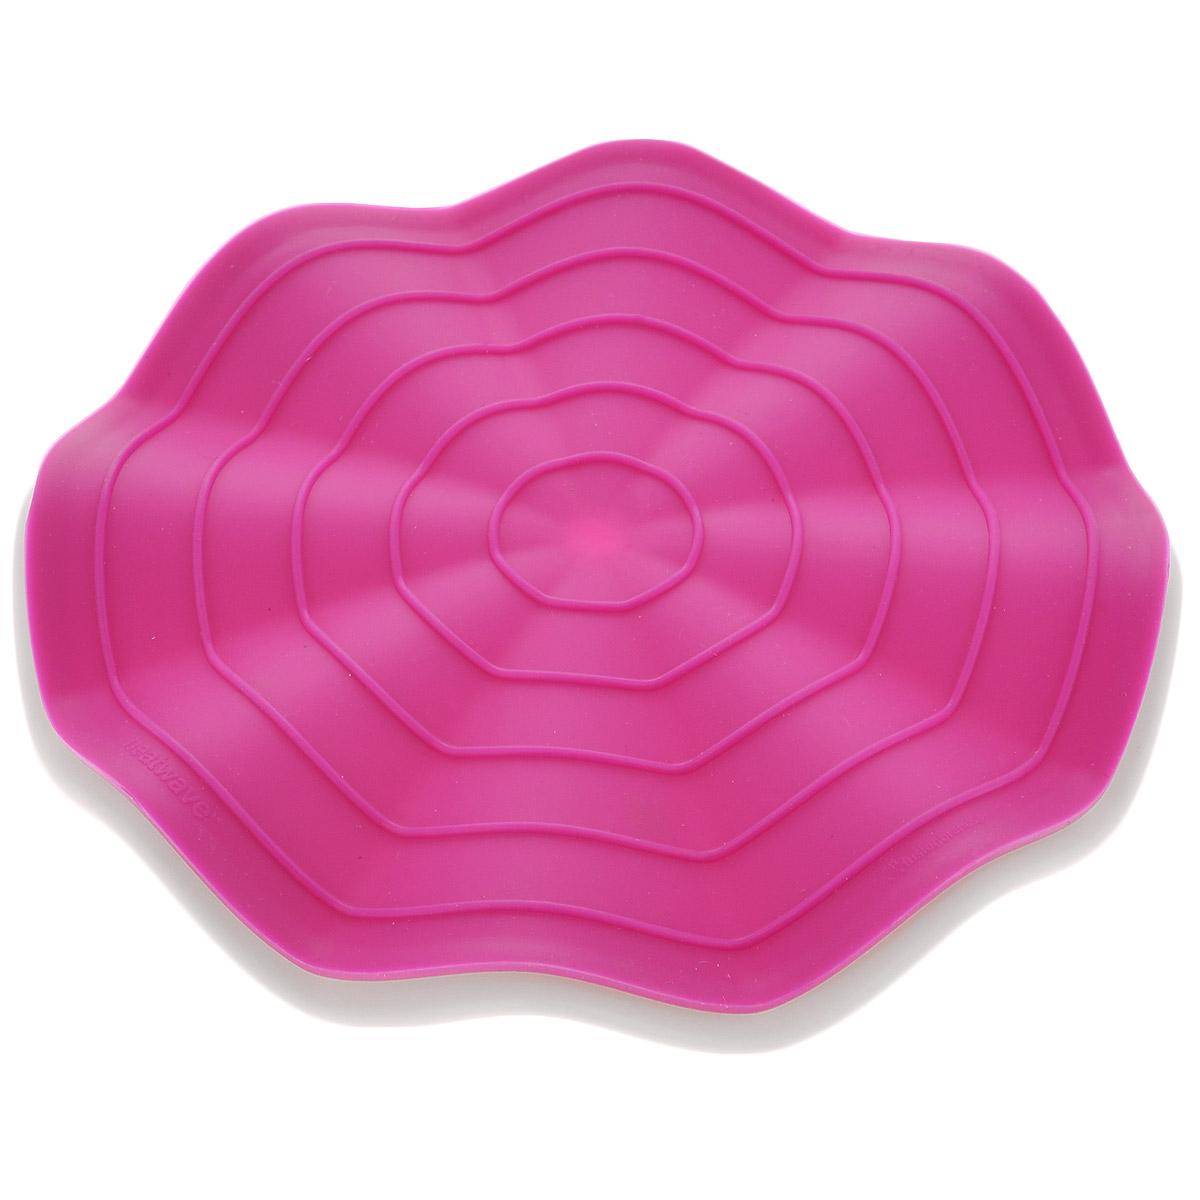 Прихватка-подставка под горячее Fusionbrands Wave, цвет: розовый, белый, диаметр 20 см8056-FUПрихватка-подставка под горячее Fusionbrands Wave состоит из двух частей: подставки под горячее, изготовленной из жаропрочного нейлона и силиконовой прихватки. Изделия имеют волнистую рельефную форму. Подставка не только украсит ваш стол, но и сбережет его от воздействия высоких температур. Силиконовую прихватку можно использовать с любой посудой. Она защитит руки от ожогов. Изделия из силикона выдерживают высокие и низкие температуры (от - 40°С до +230°С). Они износостойки, легко моются, не горят и не тлеют, не впитывают запахи, не оставляют пятен. Силикон абсолютно безвреден для здоровья. Прихватка-подставка Fusionbrands Wave - отличный подарок, необходимый любой хозяйке. Диаметр изделий: 20 см.